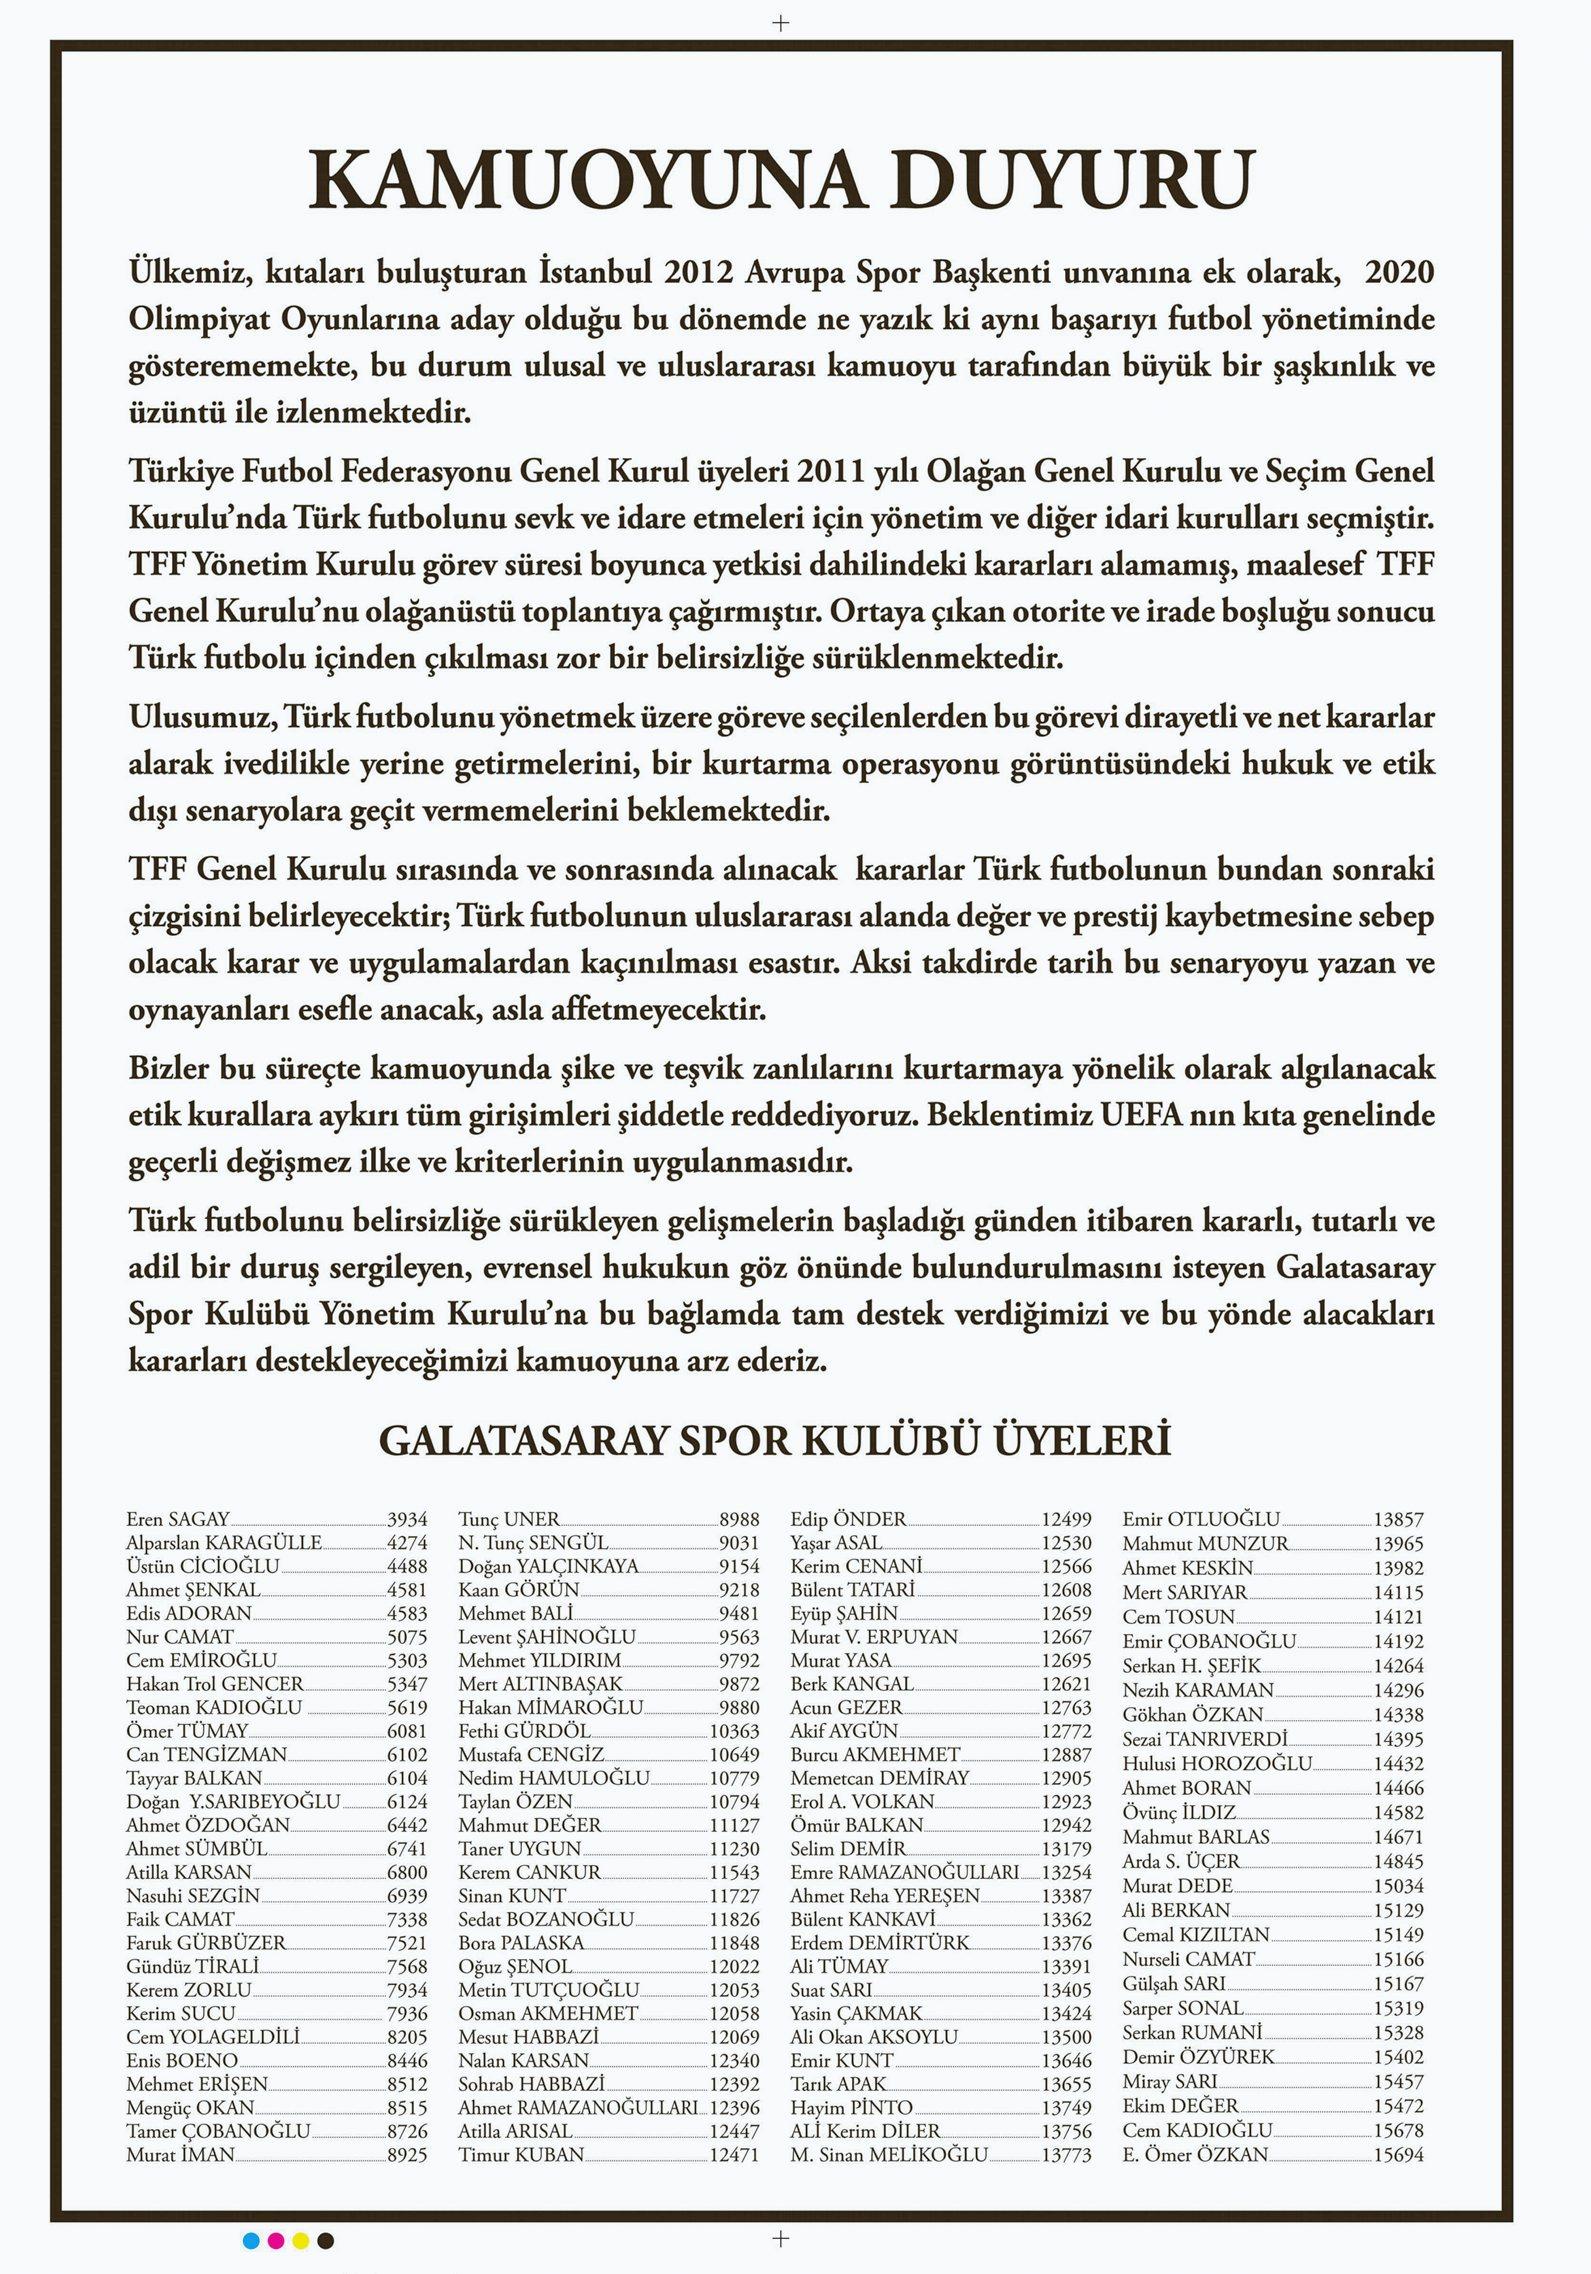 Galatasaray Spor Kulübü üyelerinden kamuoyuna duyuru...